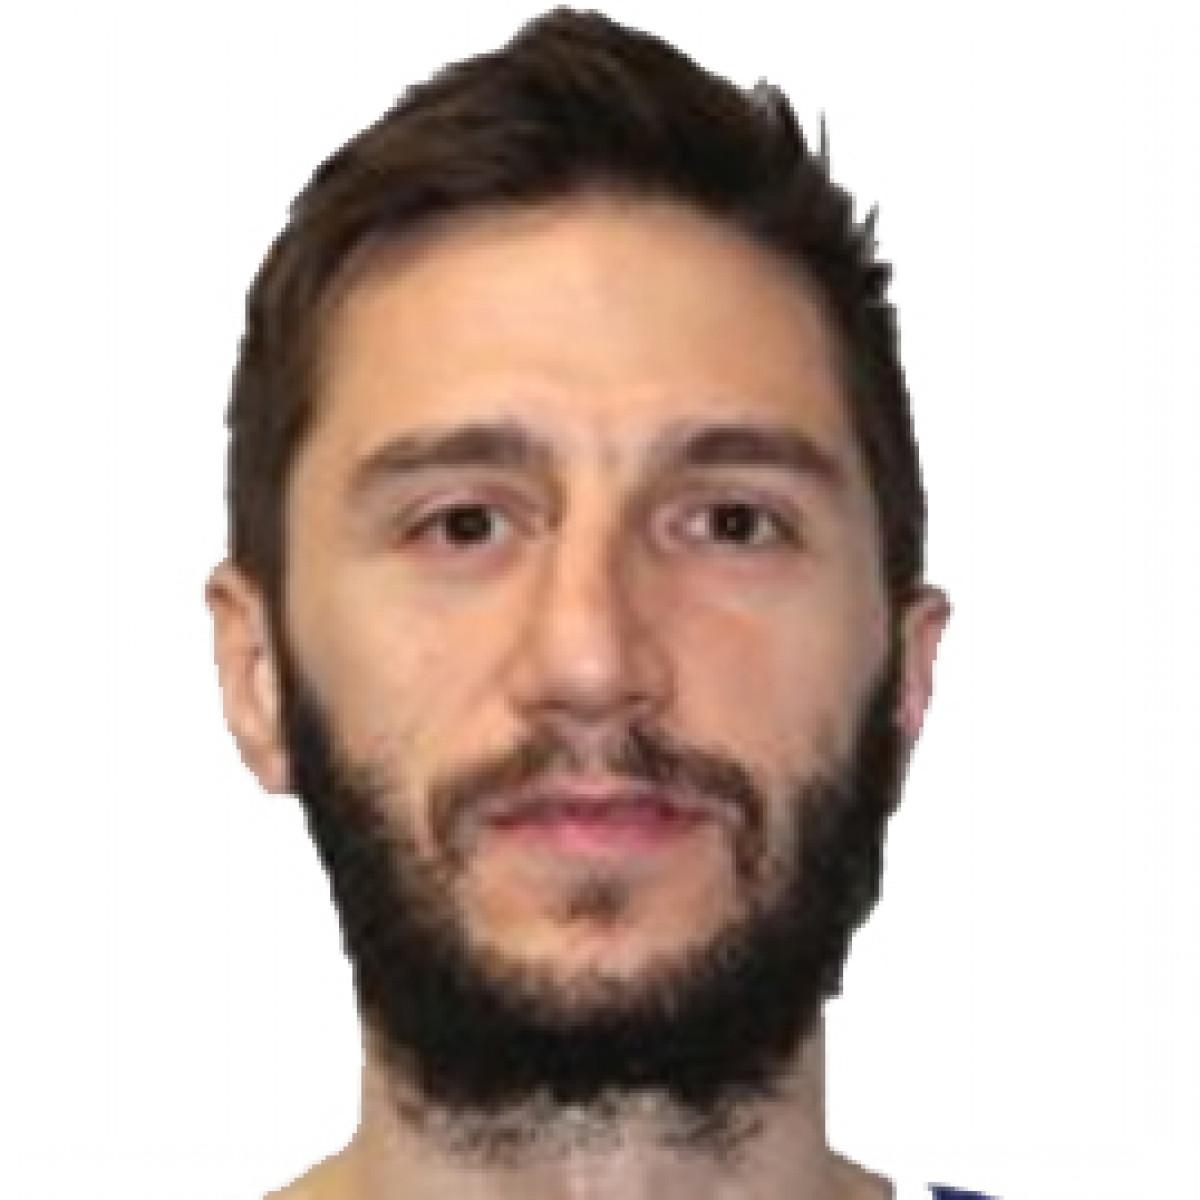 Marko Cakarevic